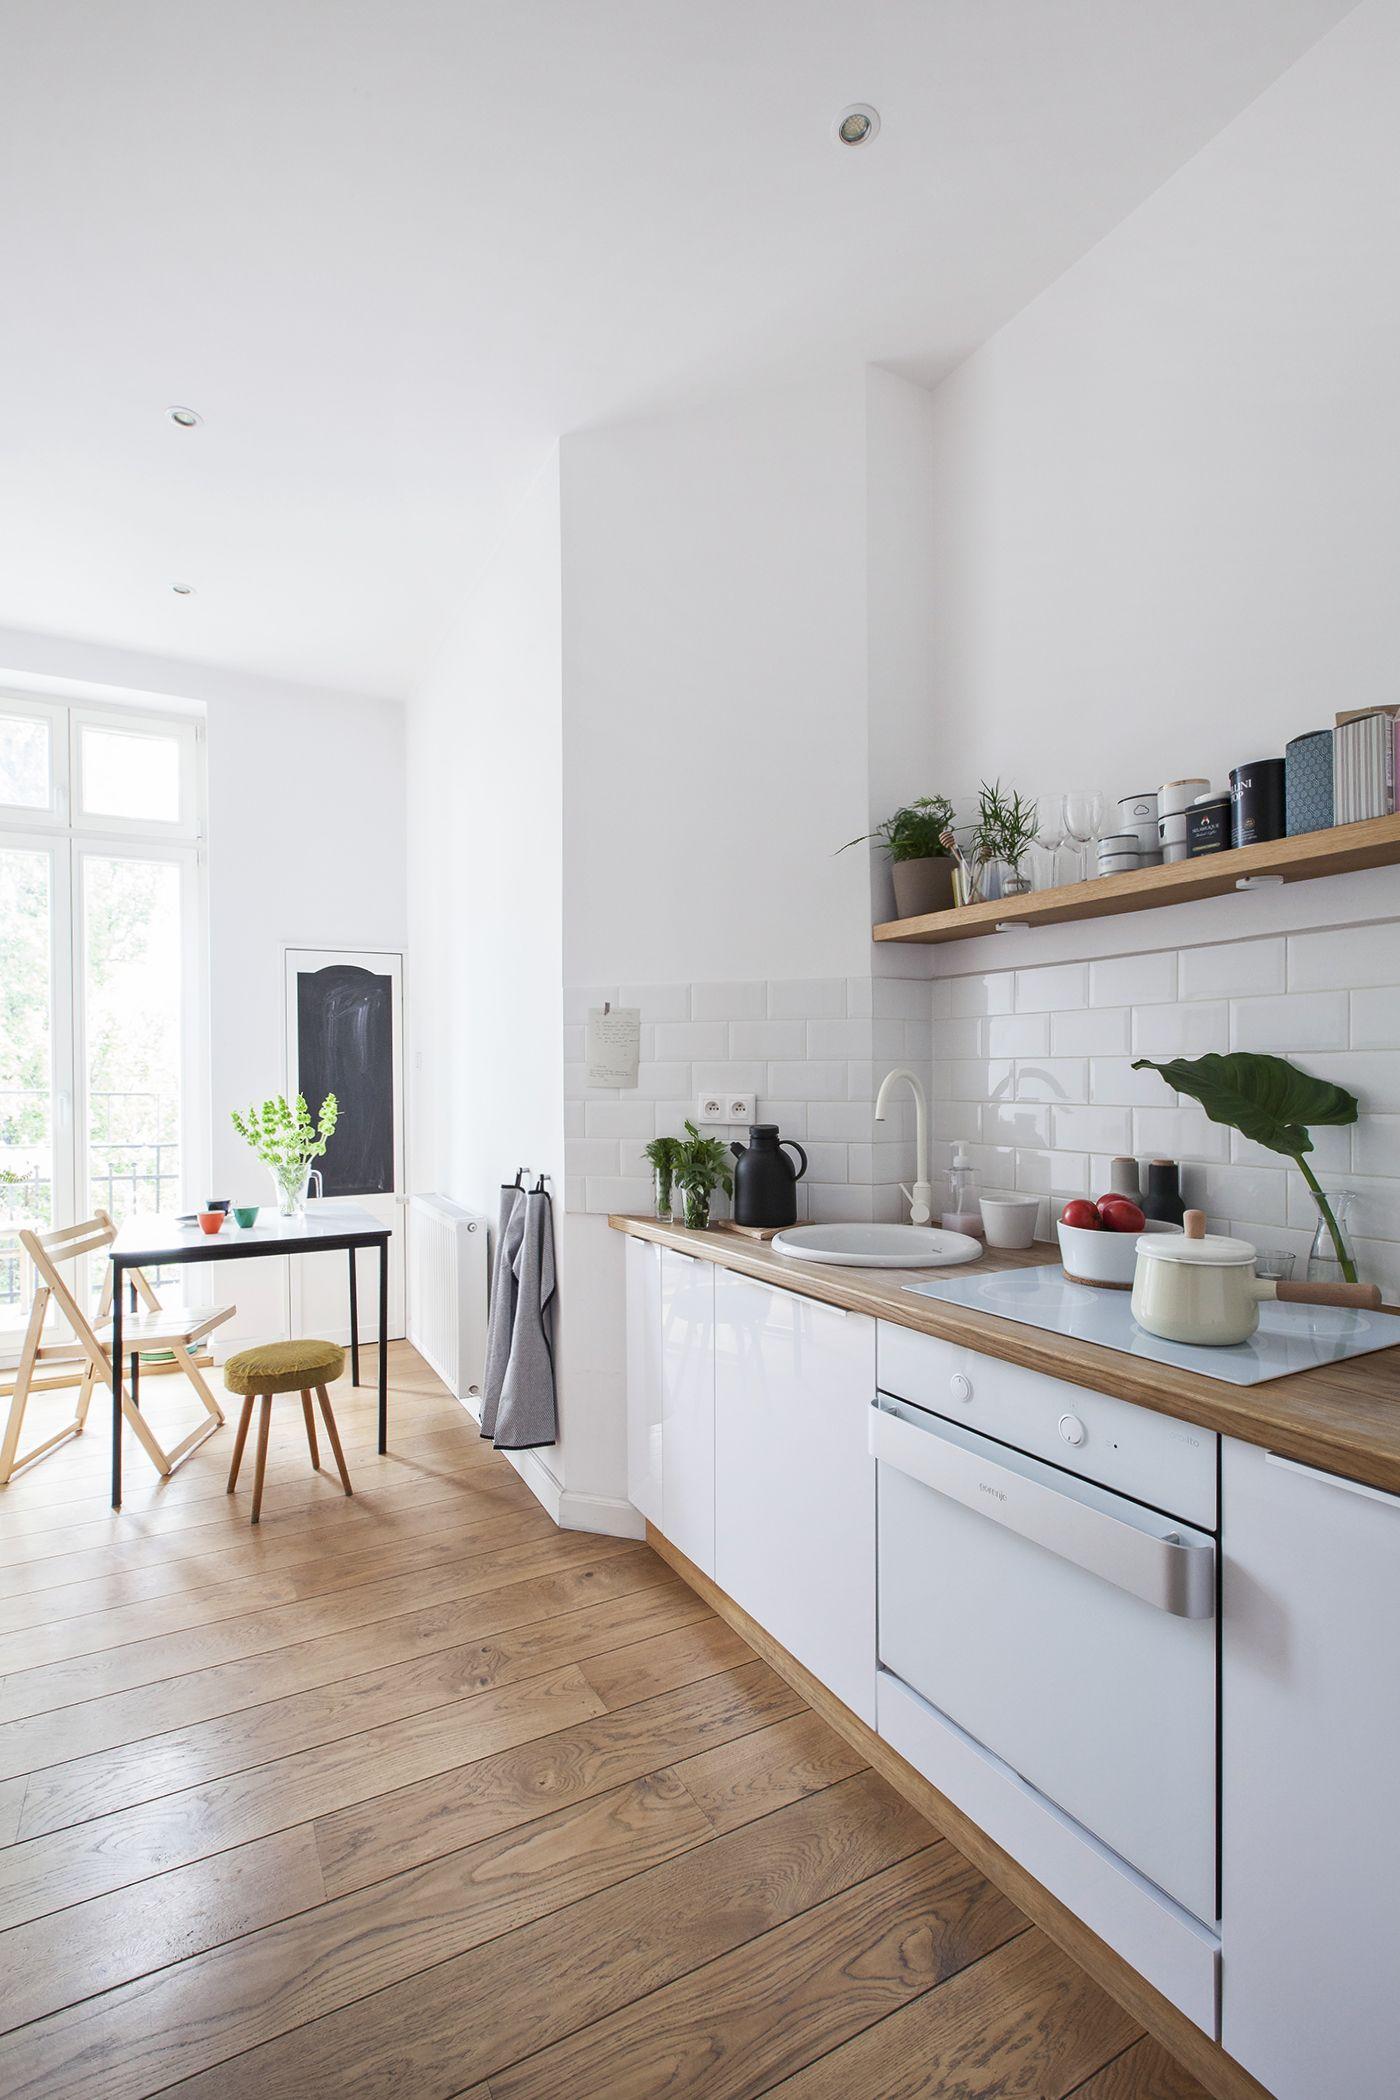 Wei es kochfeld kitchen pinterest haus k chen for Minimalistische wohnungseinrichtung